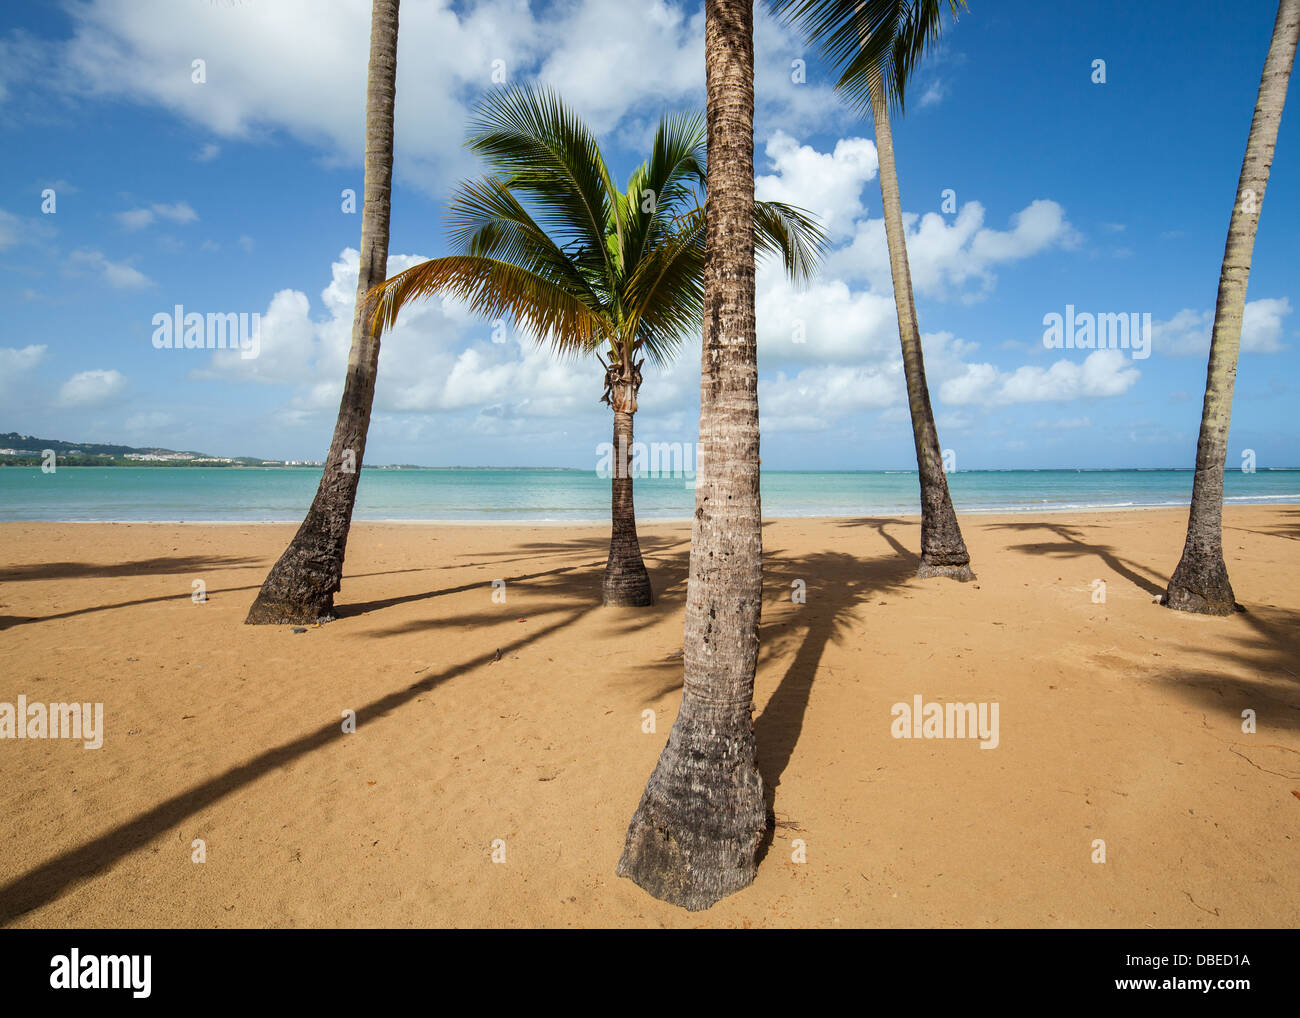 Palmen am karibischen Strand von luqillo, Puerto Rico. Stockbild